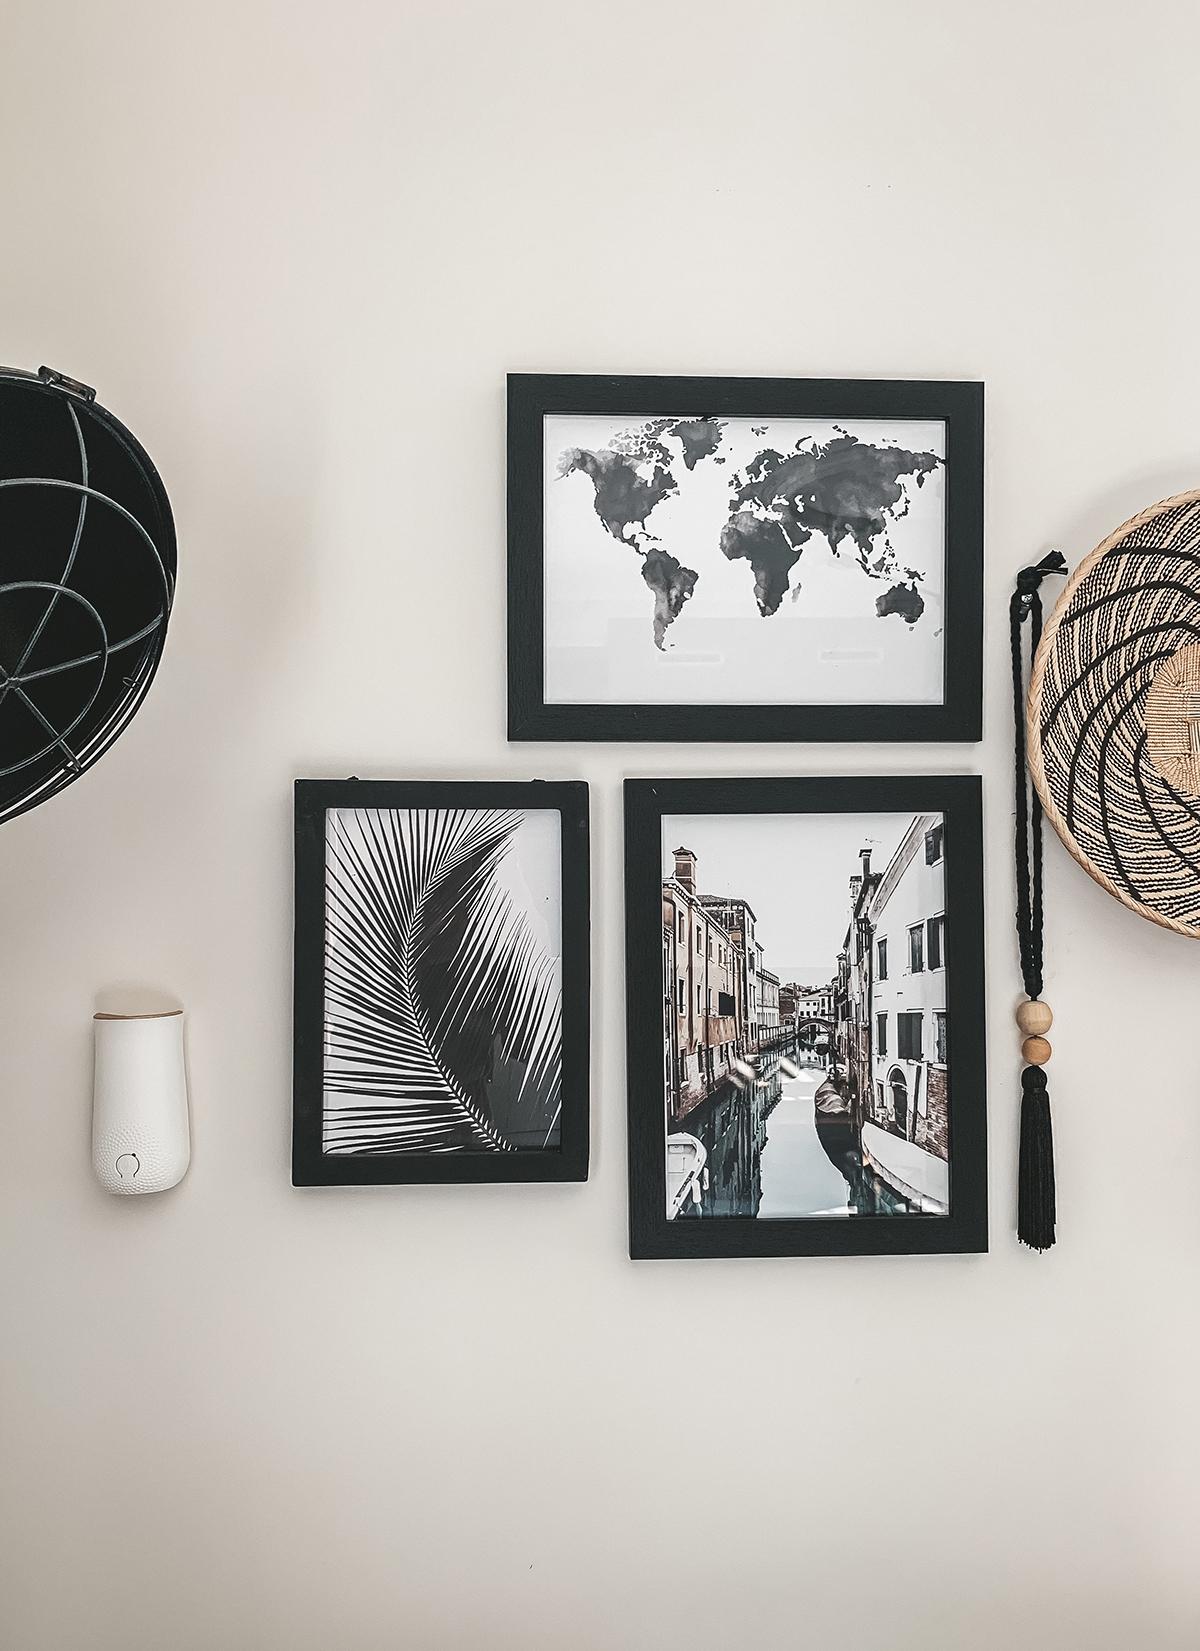 Muur schilderijen zwart wit geur herinneringen Glade Manon